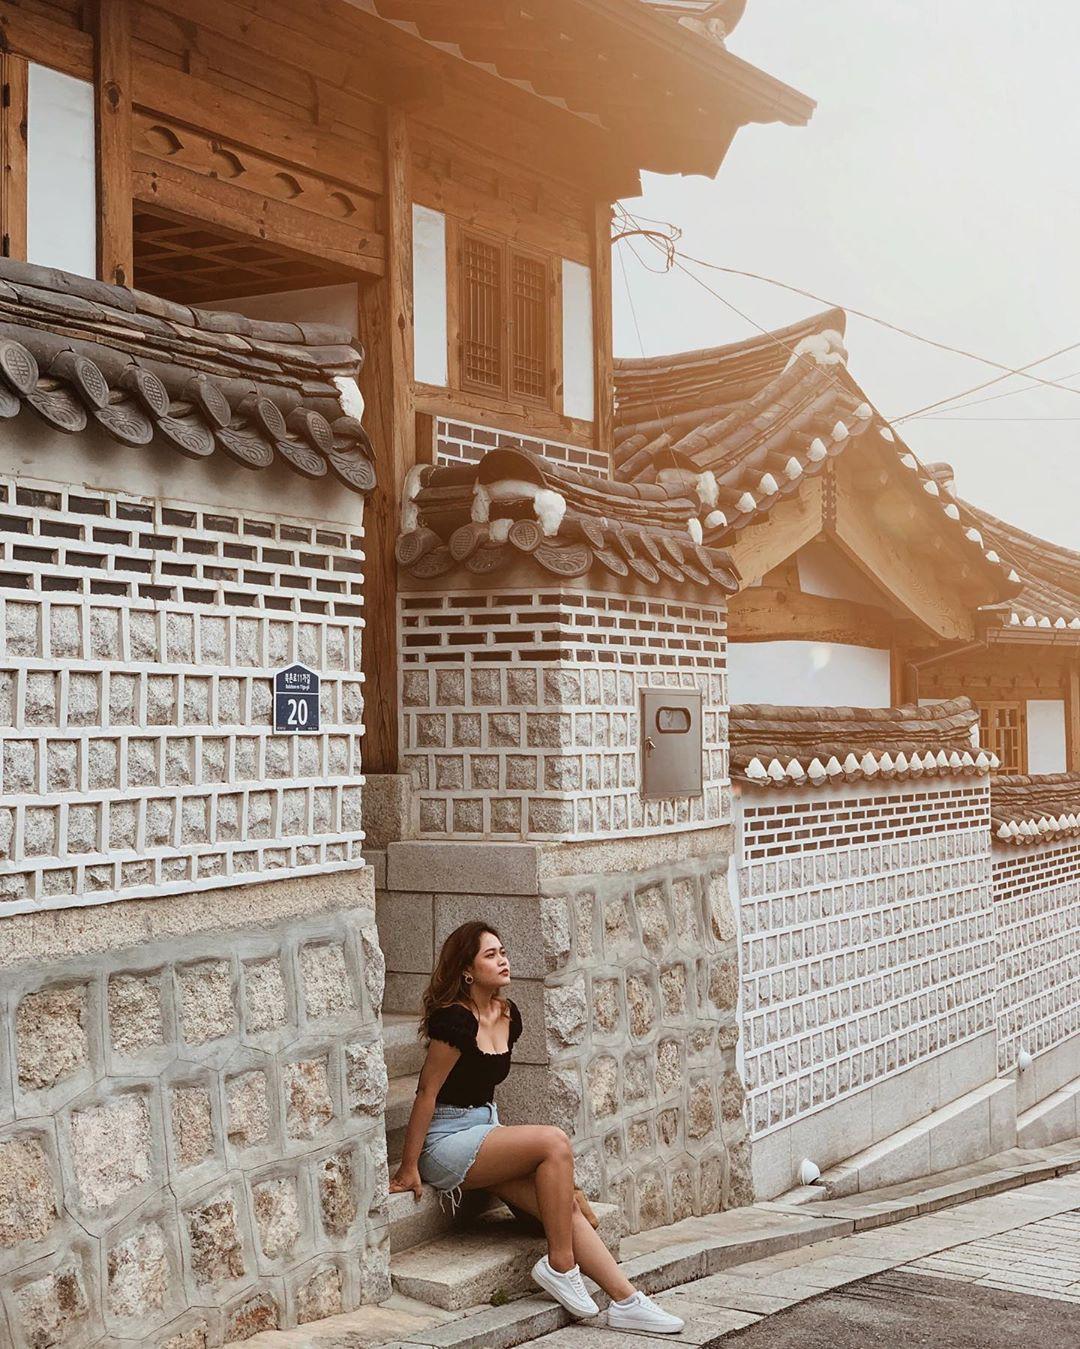 Thong thong khám phá văn hóa truyền thống tại 5 ngôi làng cổ đặc sắc nhất xứ Hàn - Ảnh 5.